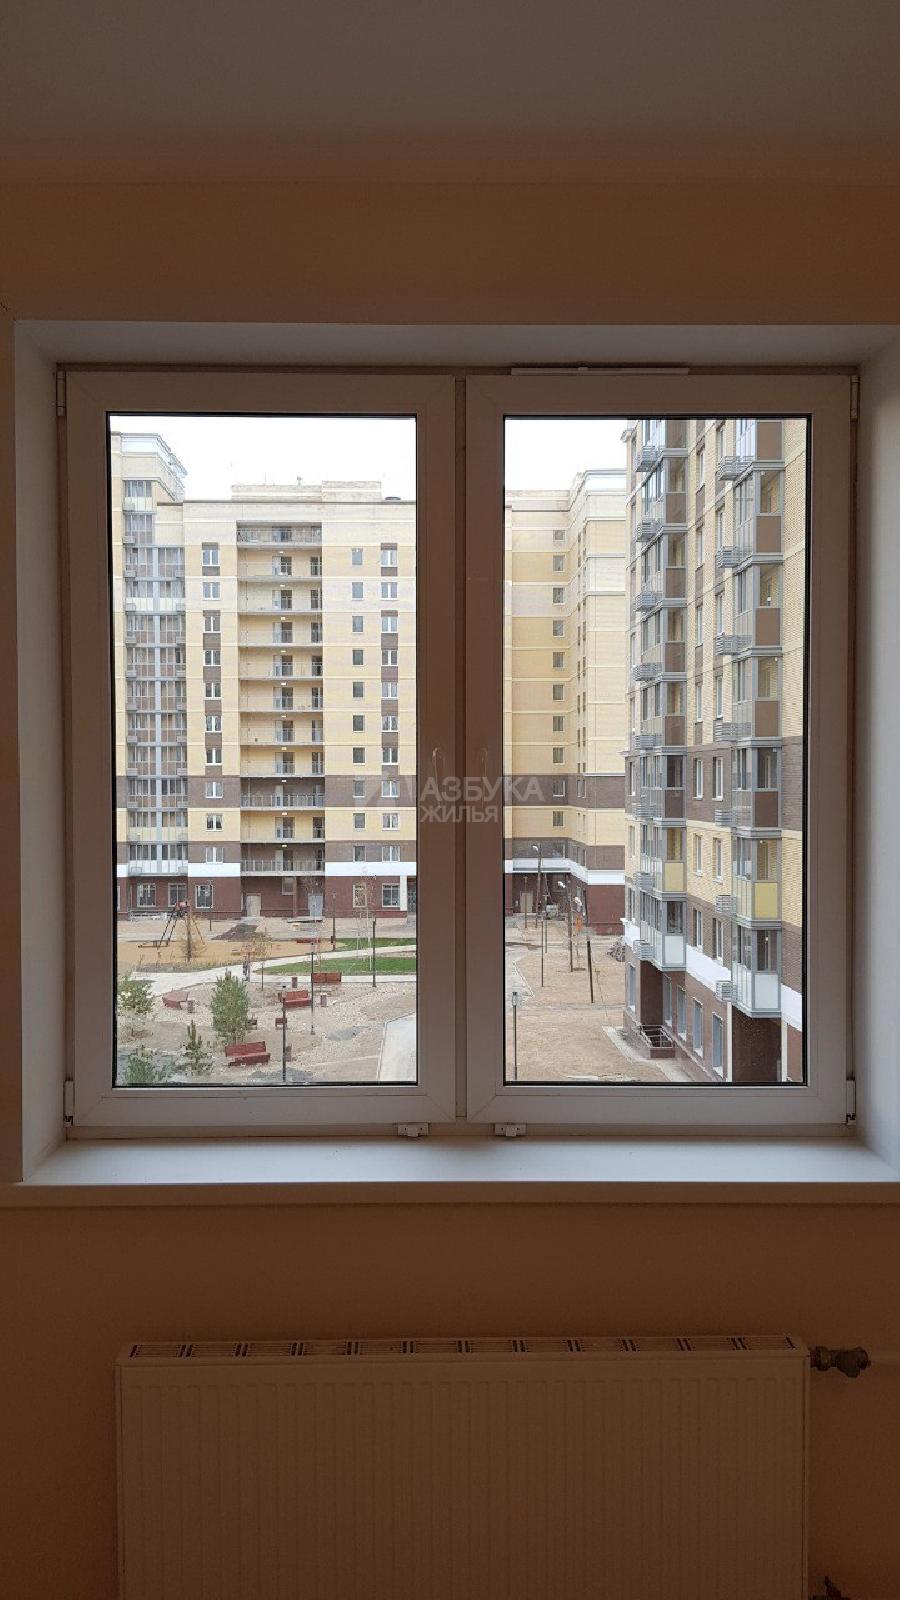 Фото №14 - 2-комнатная квартира, Москва, село Остафьево, Остафьево улица 14 корпус 3